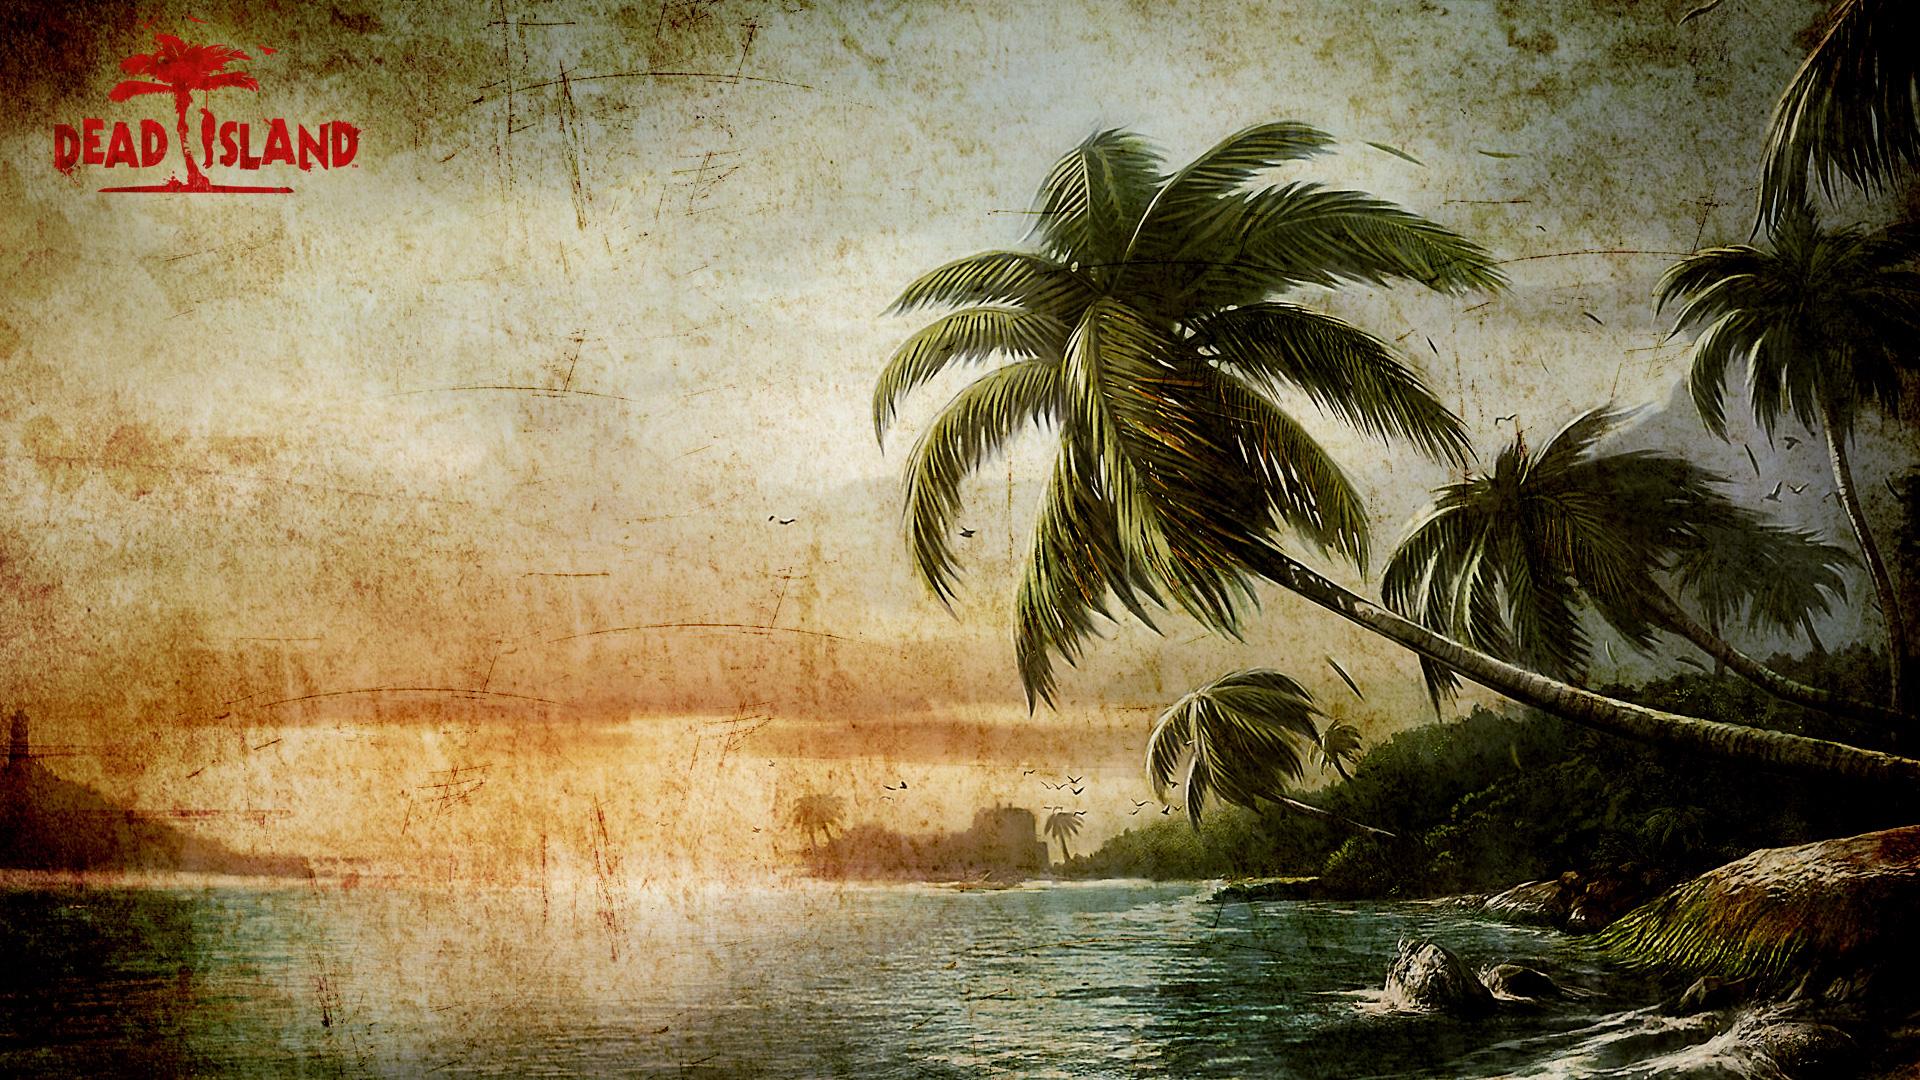 Dead Island Wallpaper in 1920x1080